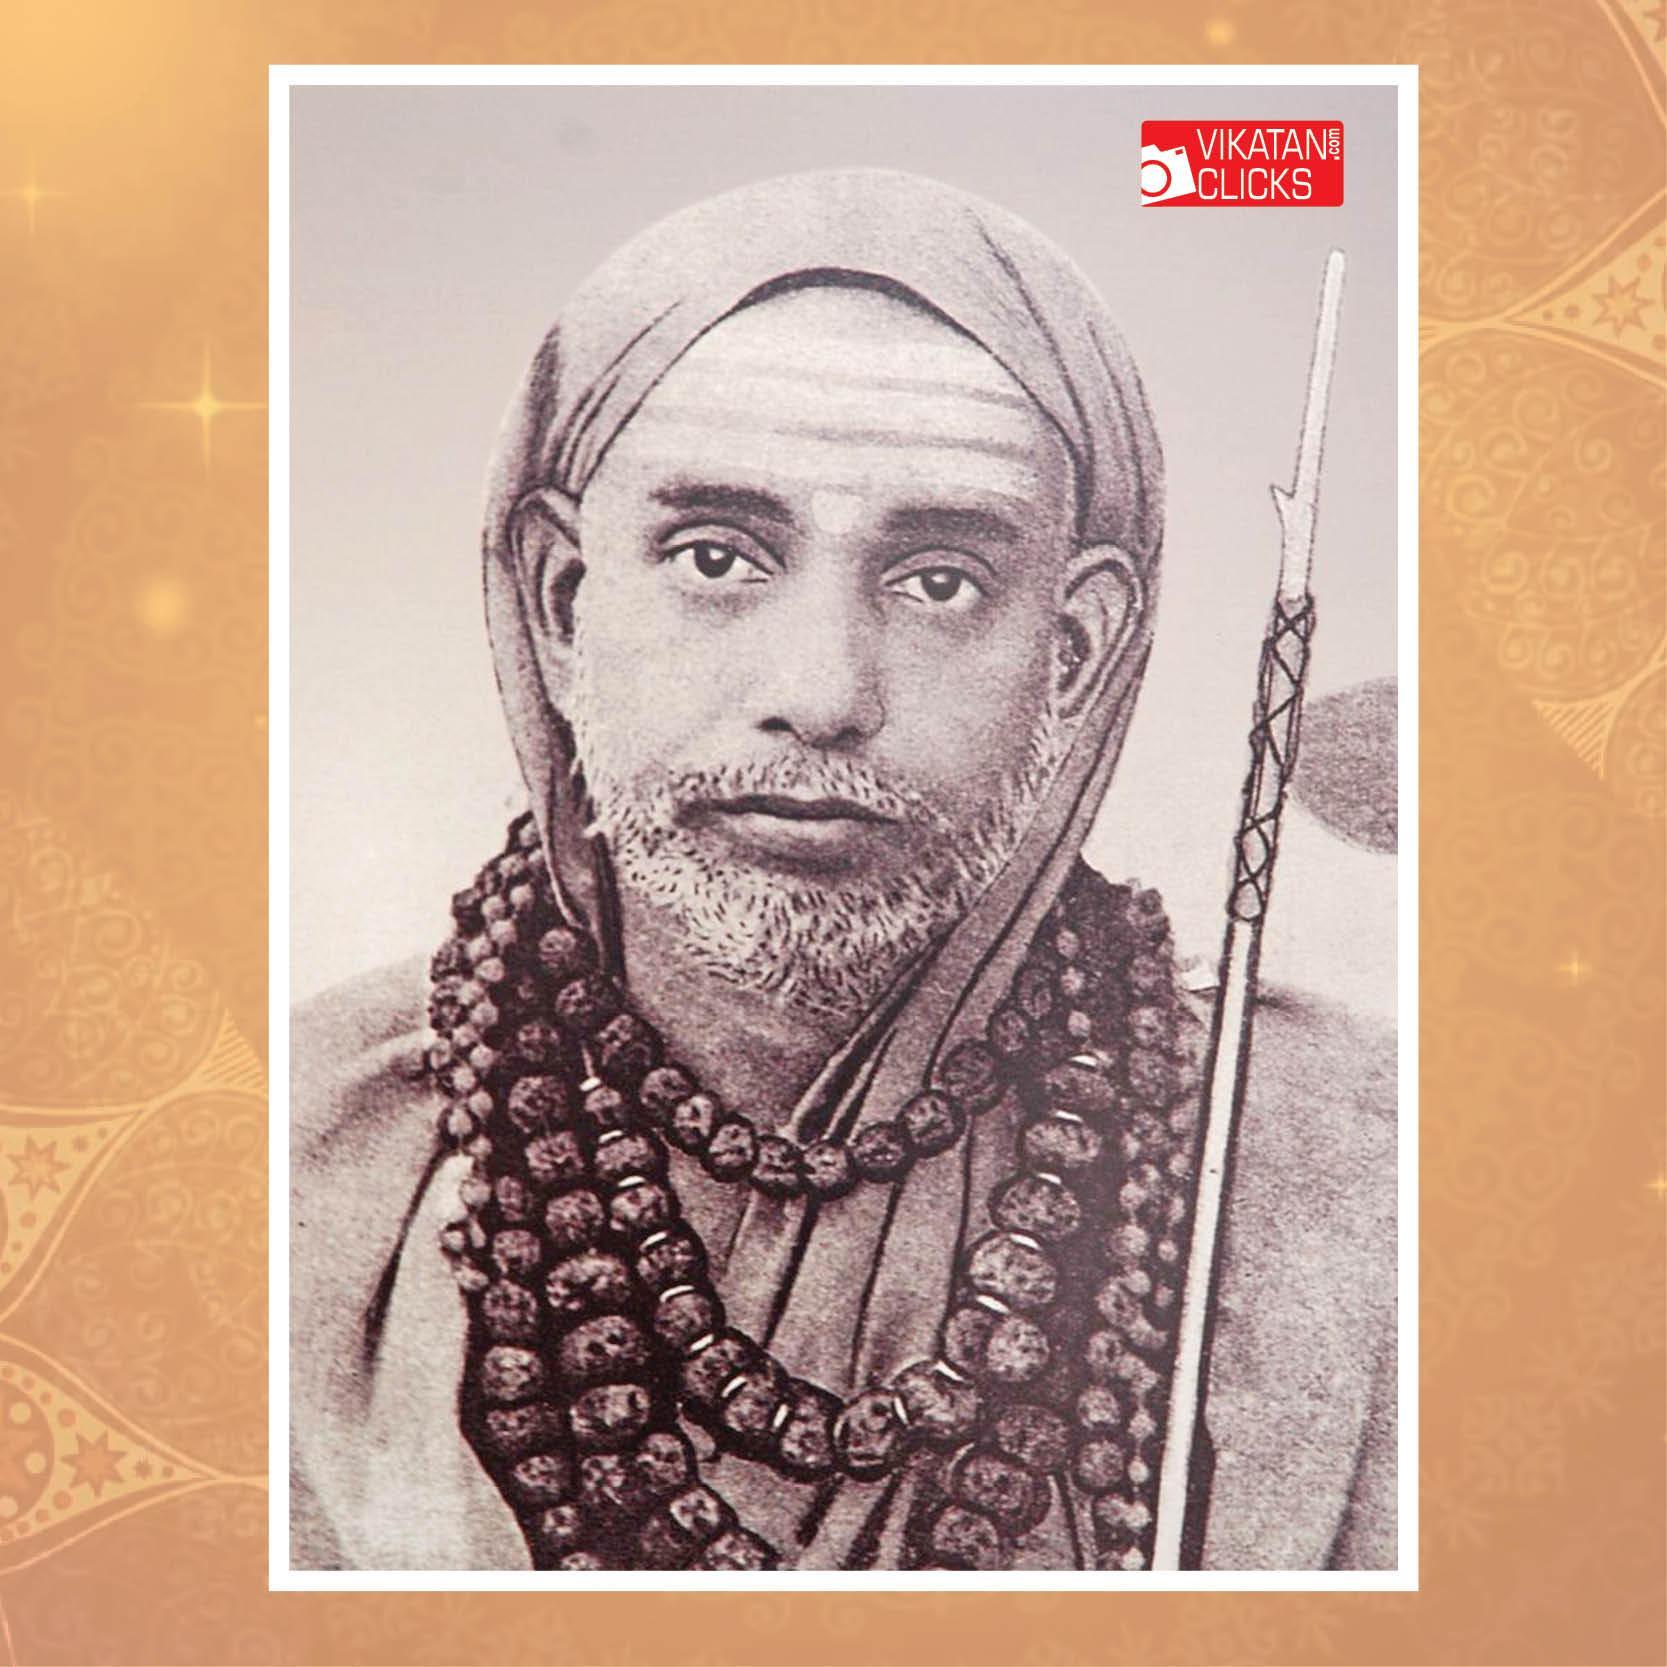 காஞ்சி மகா பரமாச்சார்யா